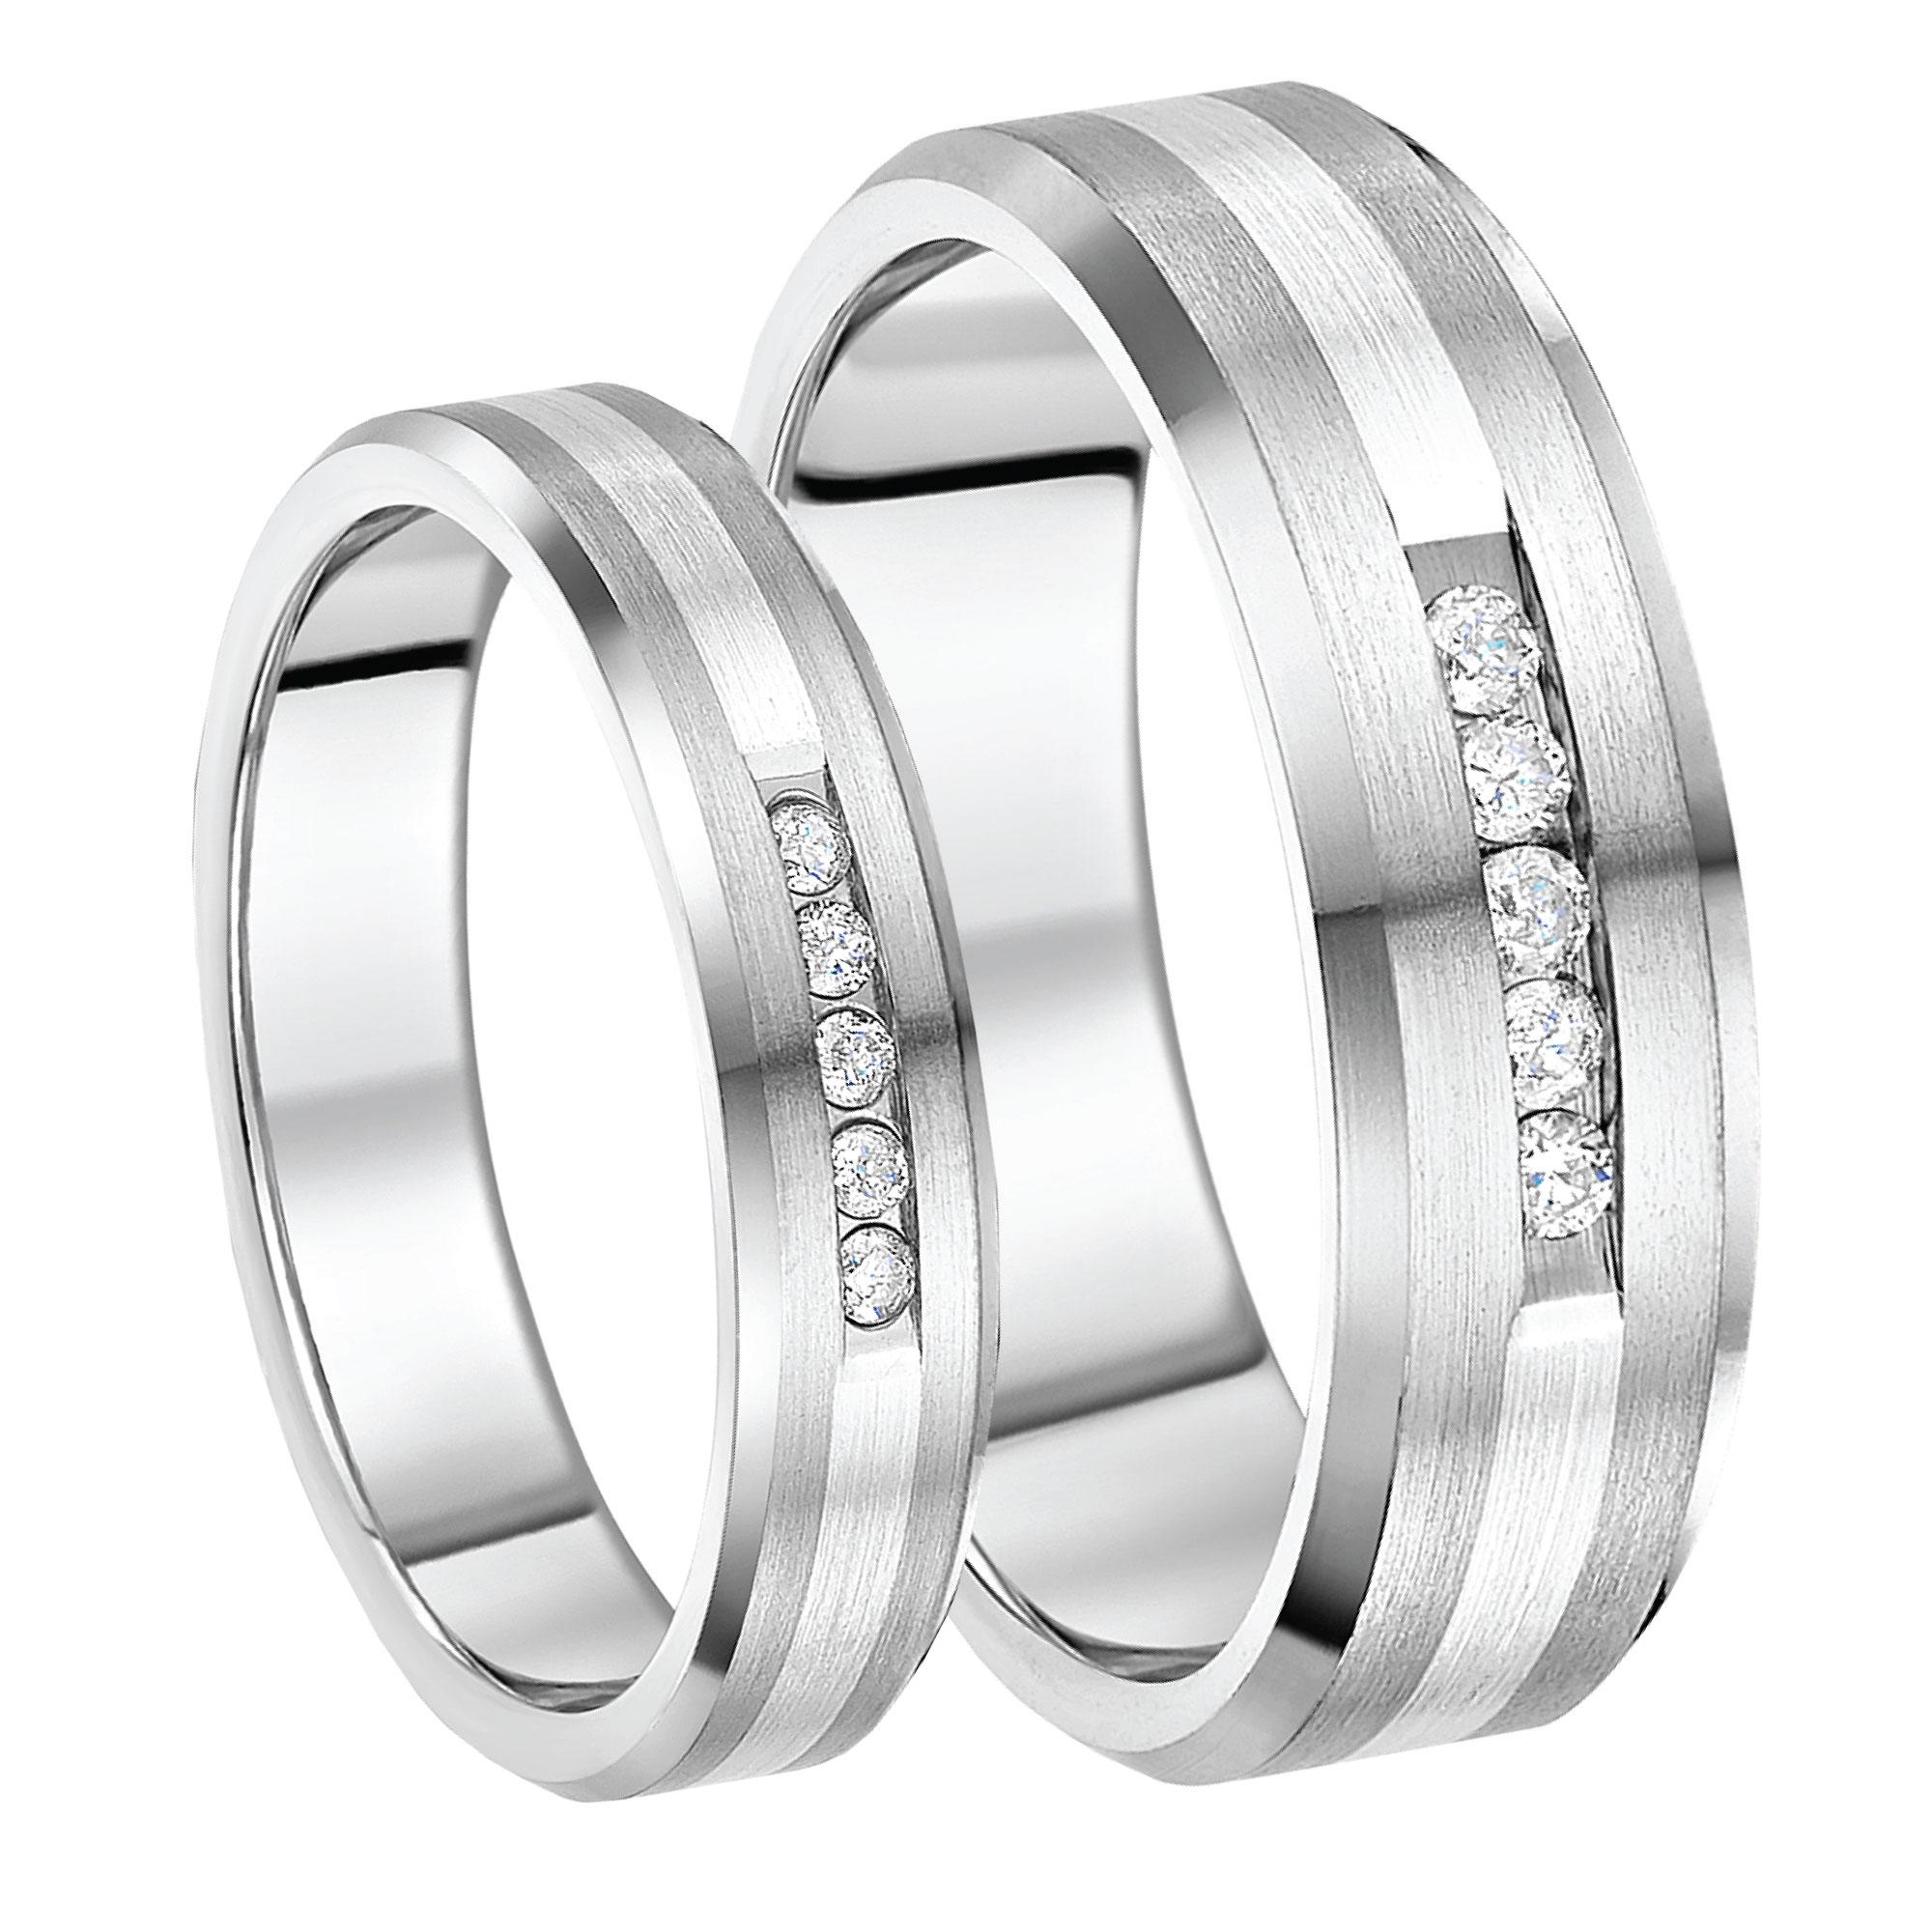 5 7mm titanium silver wedding rings titanium